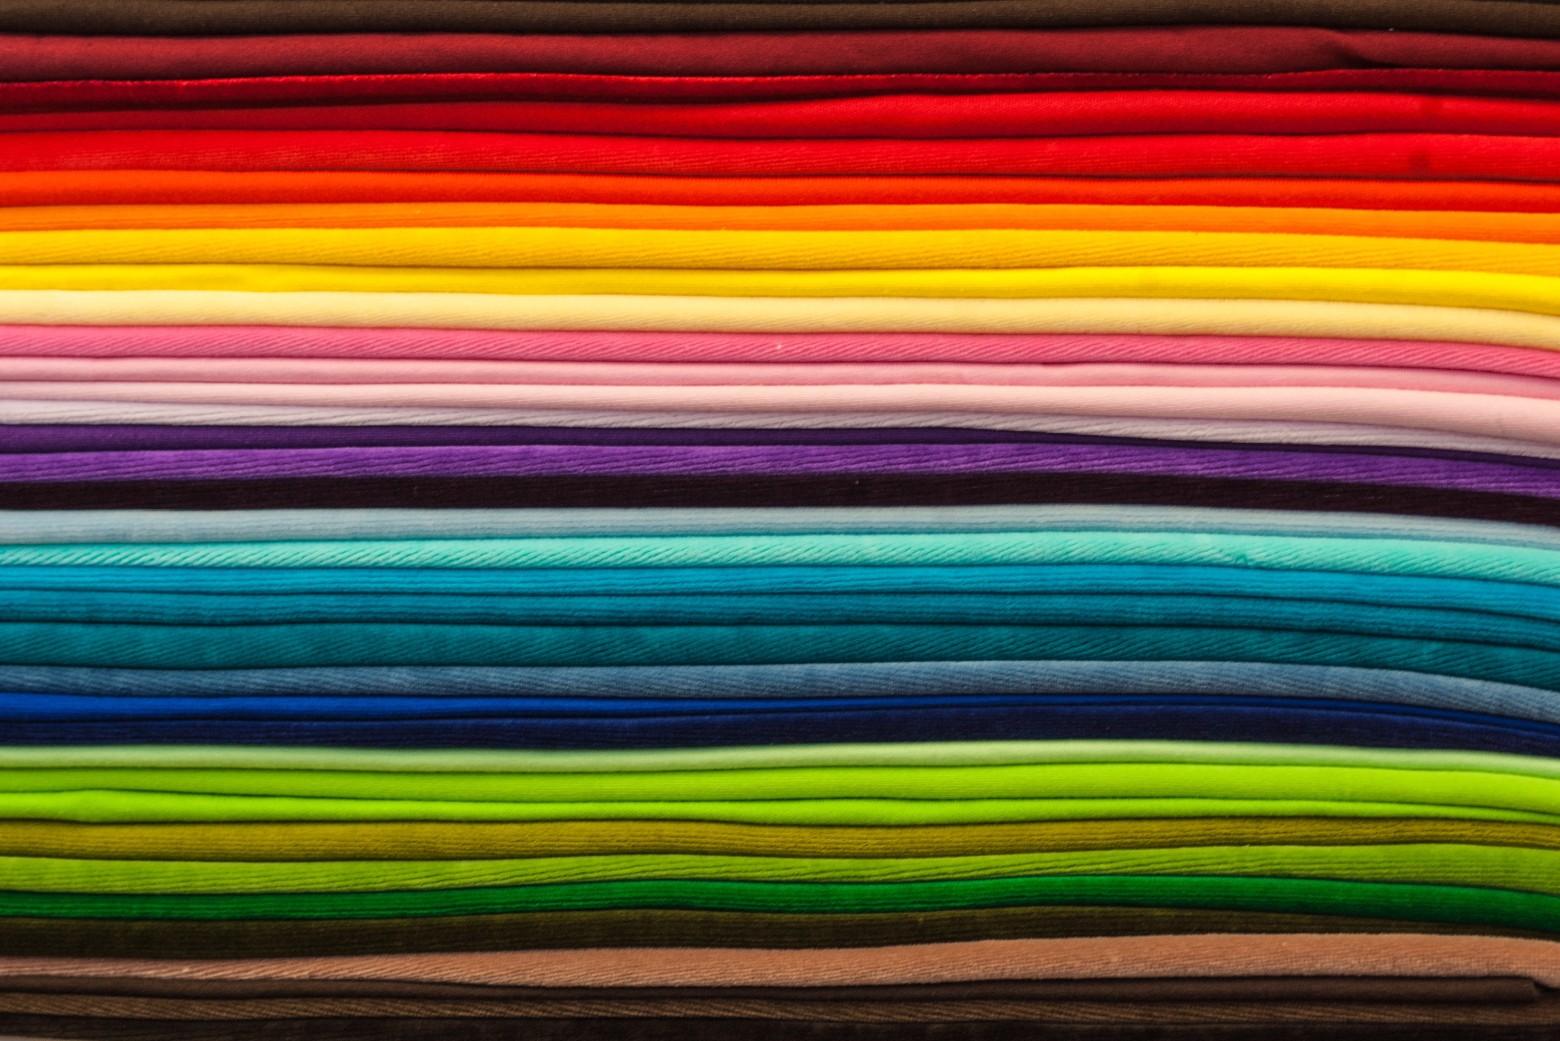 Tissus textile toffe de toutes les couleurs nuance - Les couleurs de tissus ...